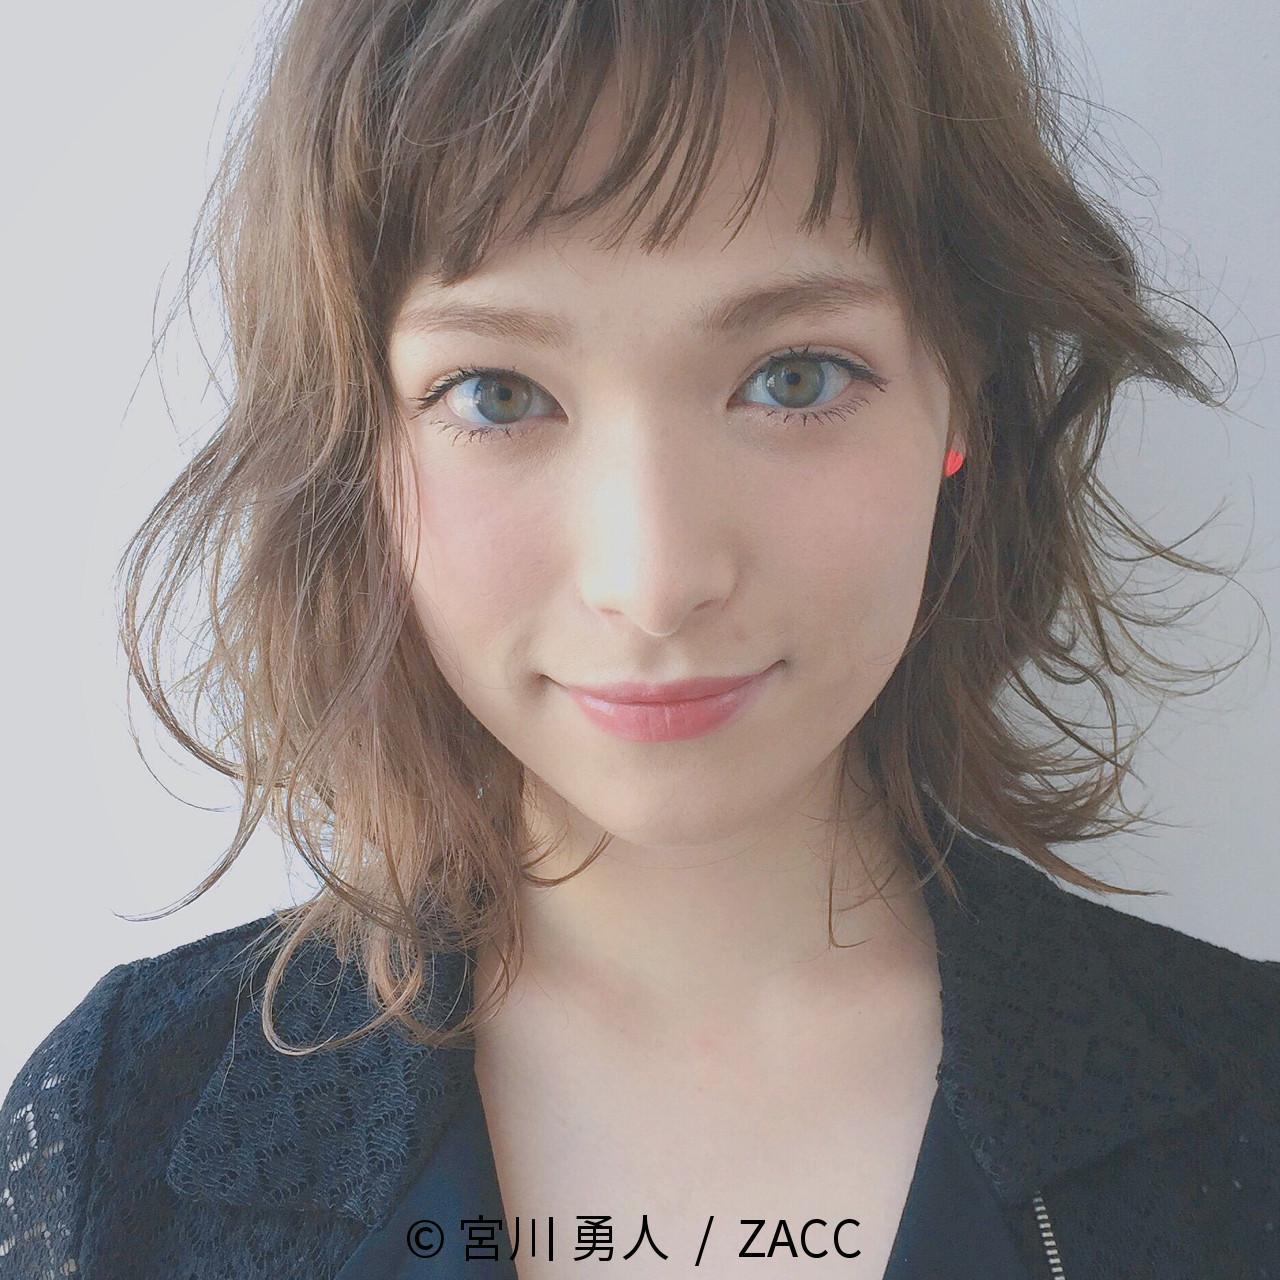 2019年目指すは…【最新の髪型】いつでも極めるトレンド女子♡の13枚目の画像